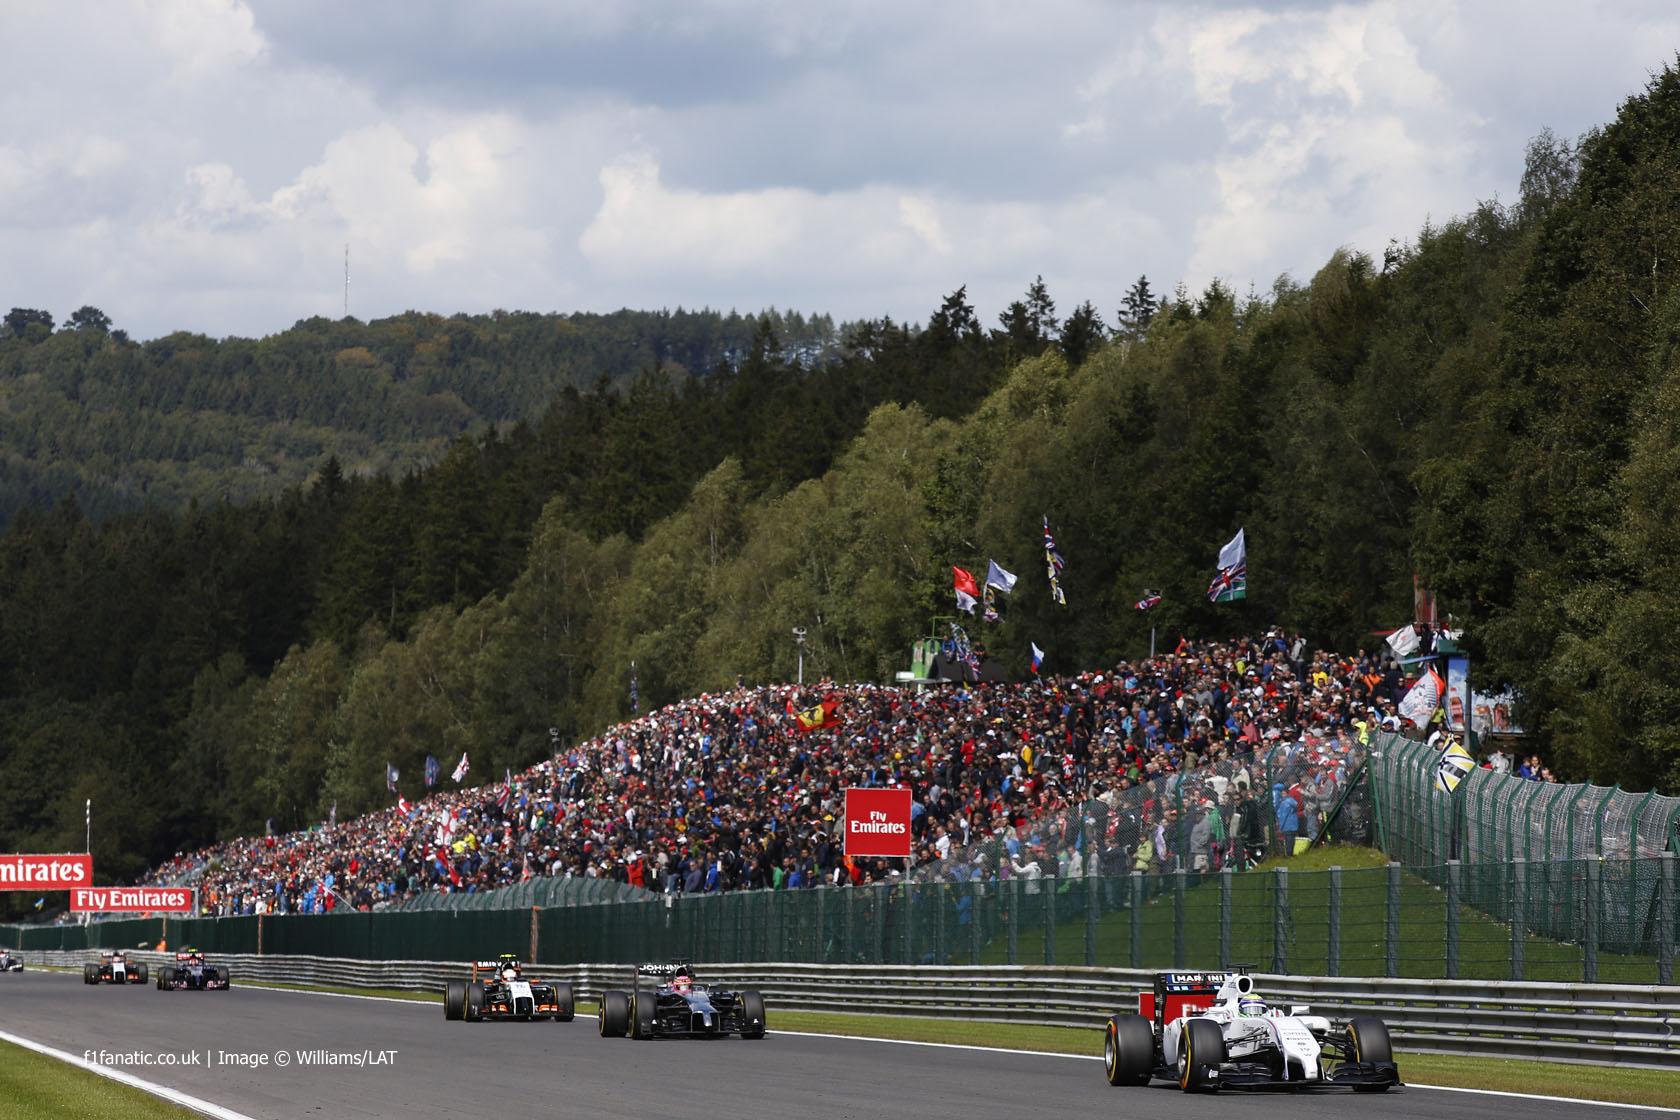 Felipe Massa, Williams, Spa-Francorchamps, 2014